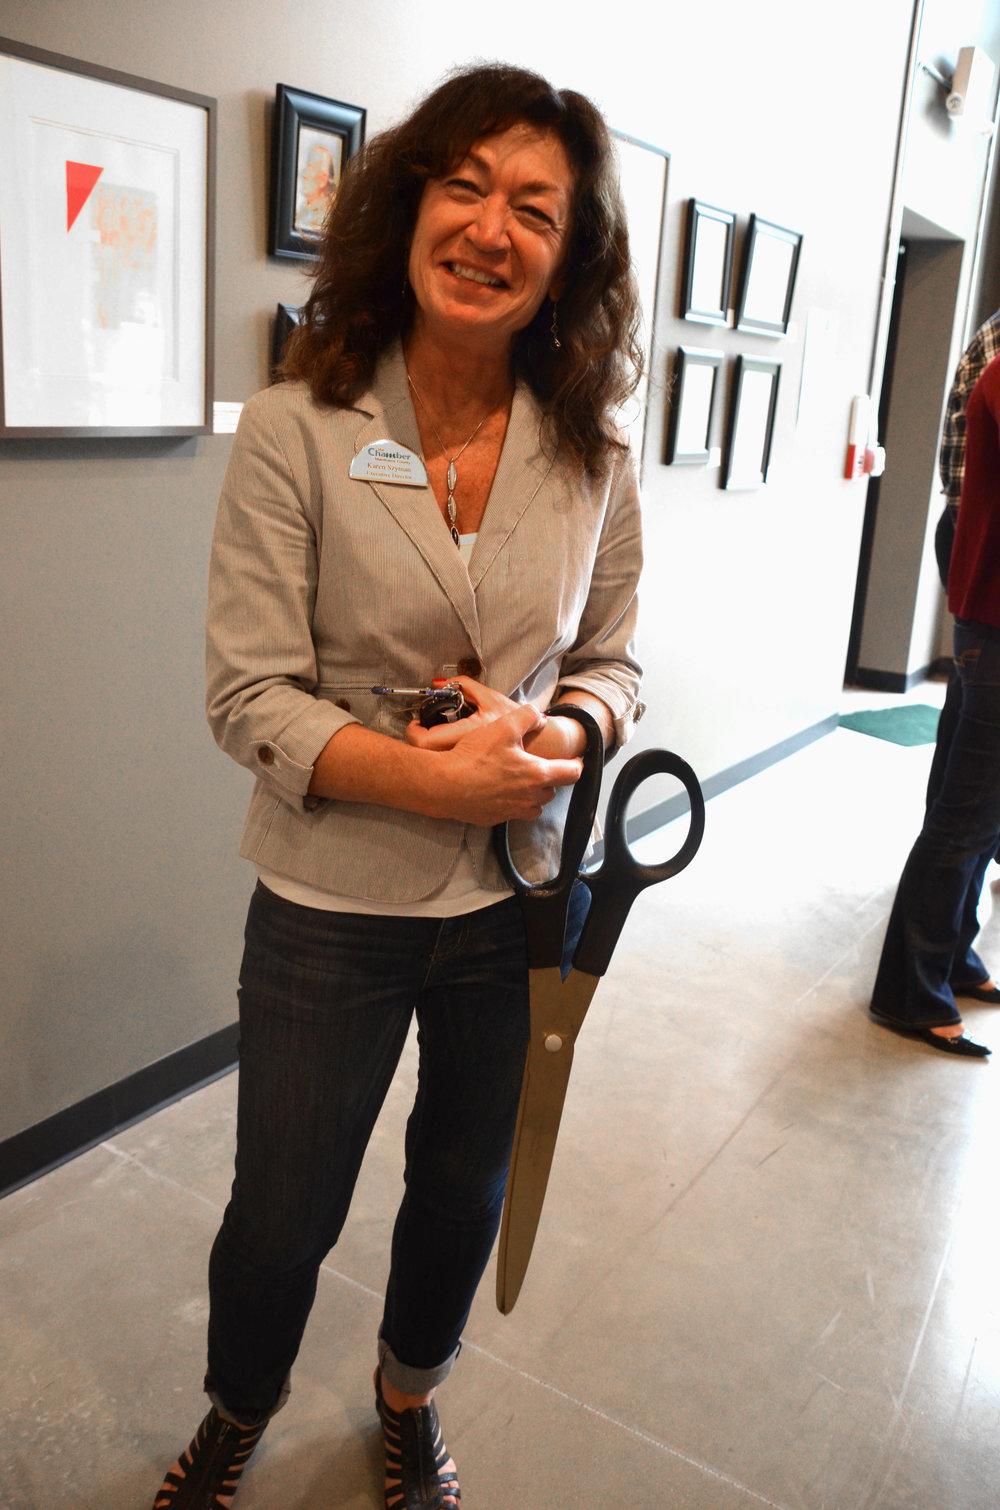 Karen and the big scissors DSC_0070.jpg